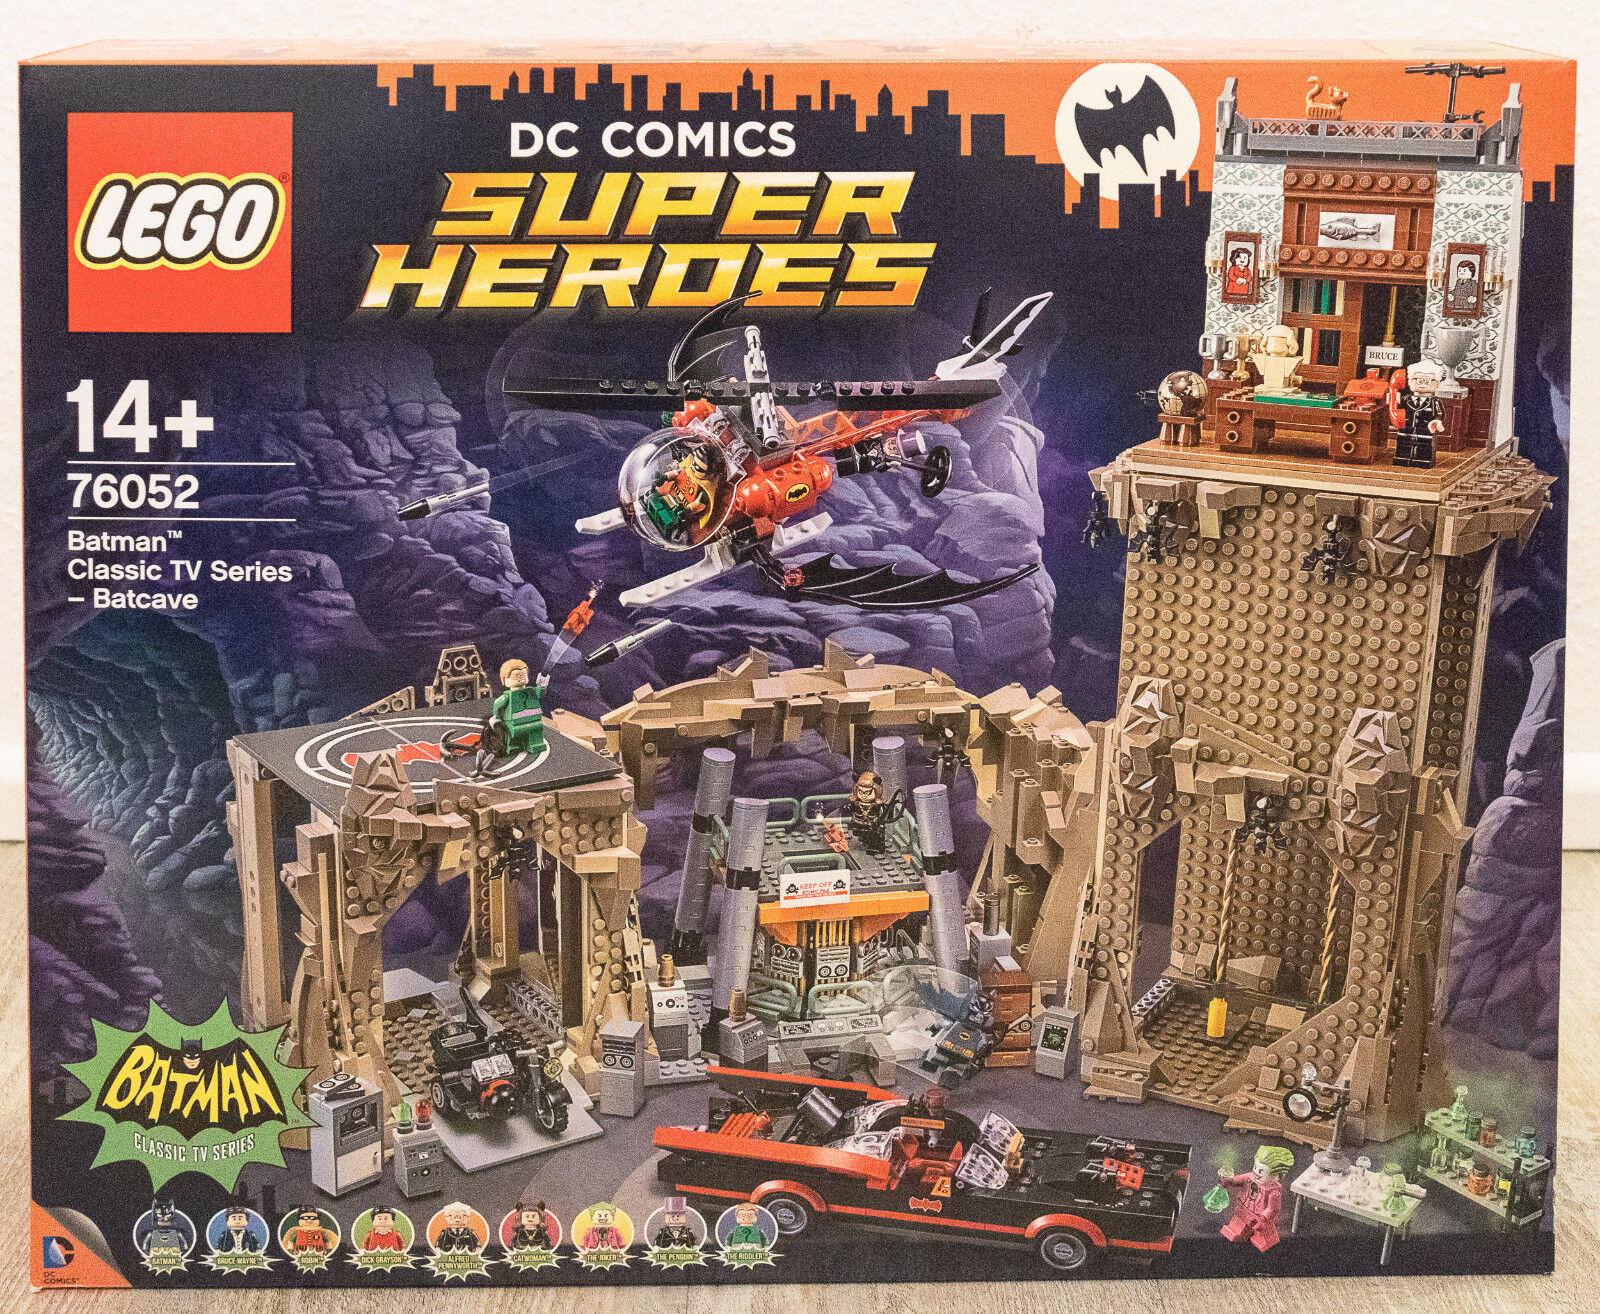 LEGO ® DC Comics ™ SUPER HEROES 76052 Batman ™ CLASSIC TV SERIES Batcave NUOVO MISB